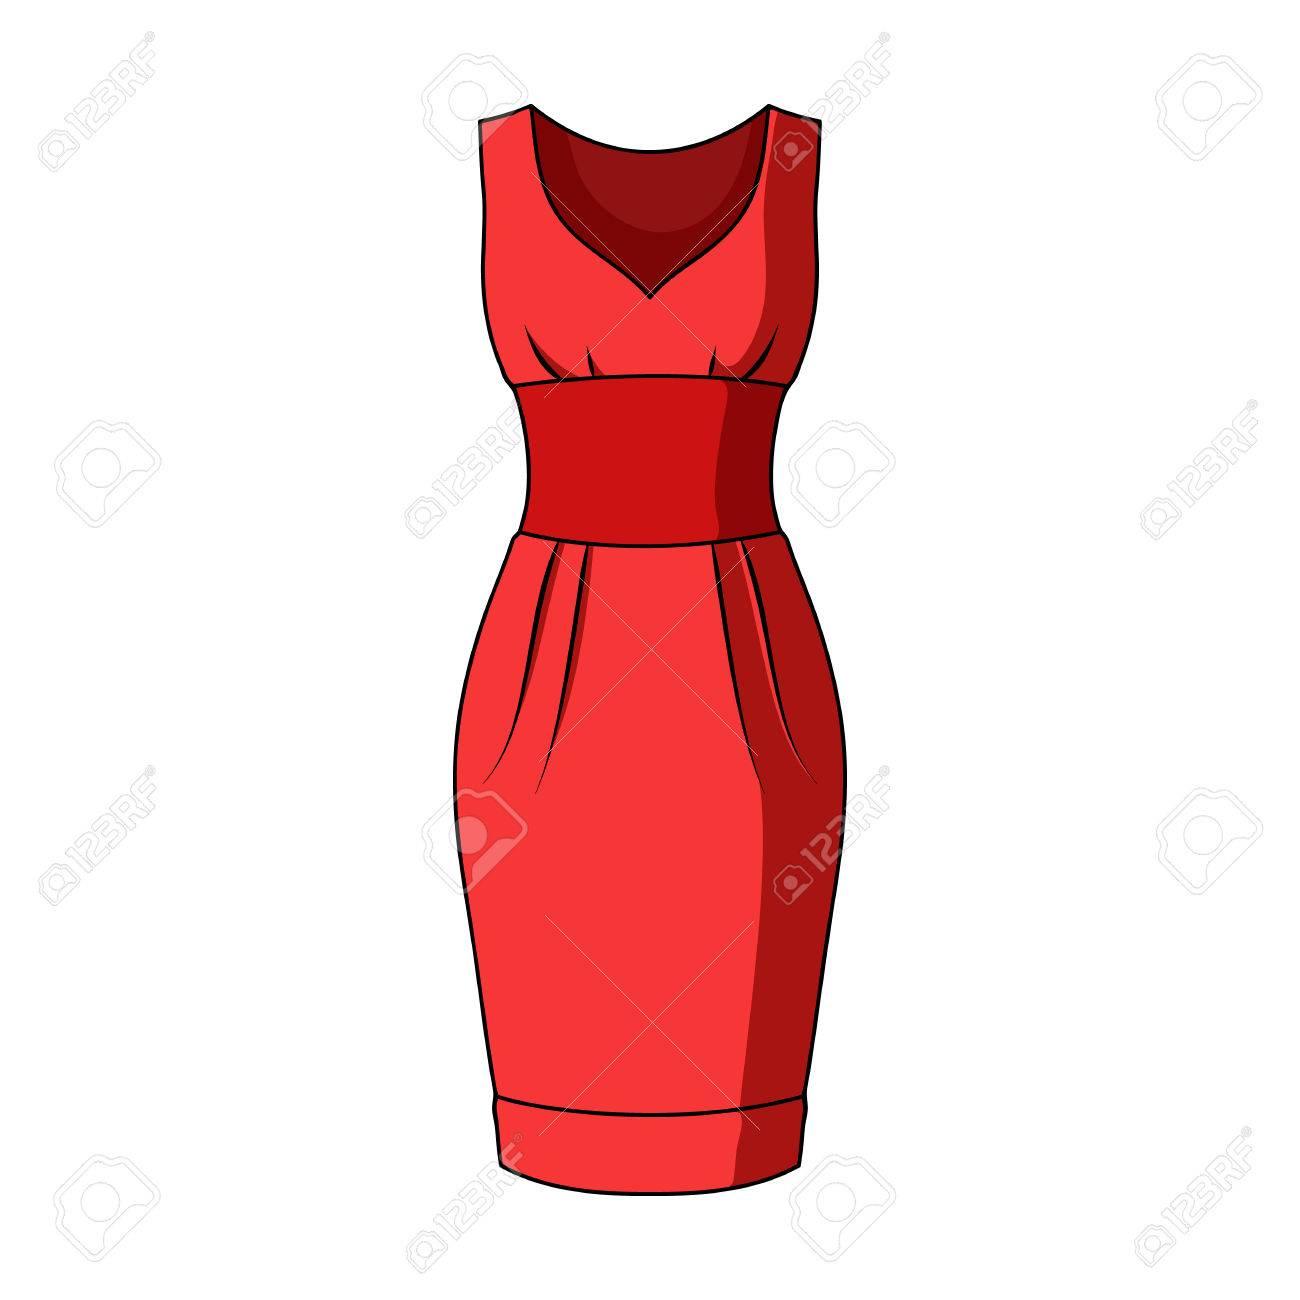 be33b5d8097 Longue Robe De Soirée Rouge Pour Une Randonnée Au Théâtre. Robe Sans  Manches De Femmes. Femmes Vêtements Unique Icône En Illustration  Vectorielle De Stock ...